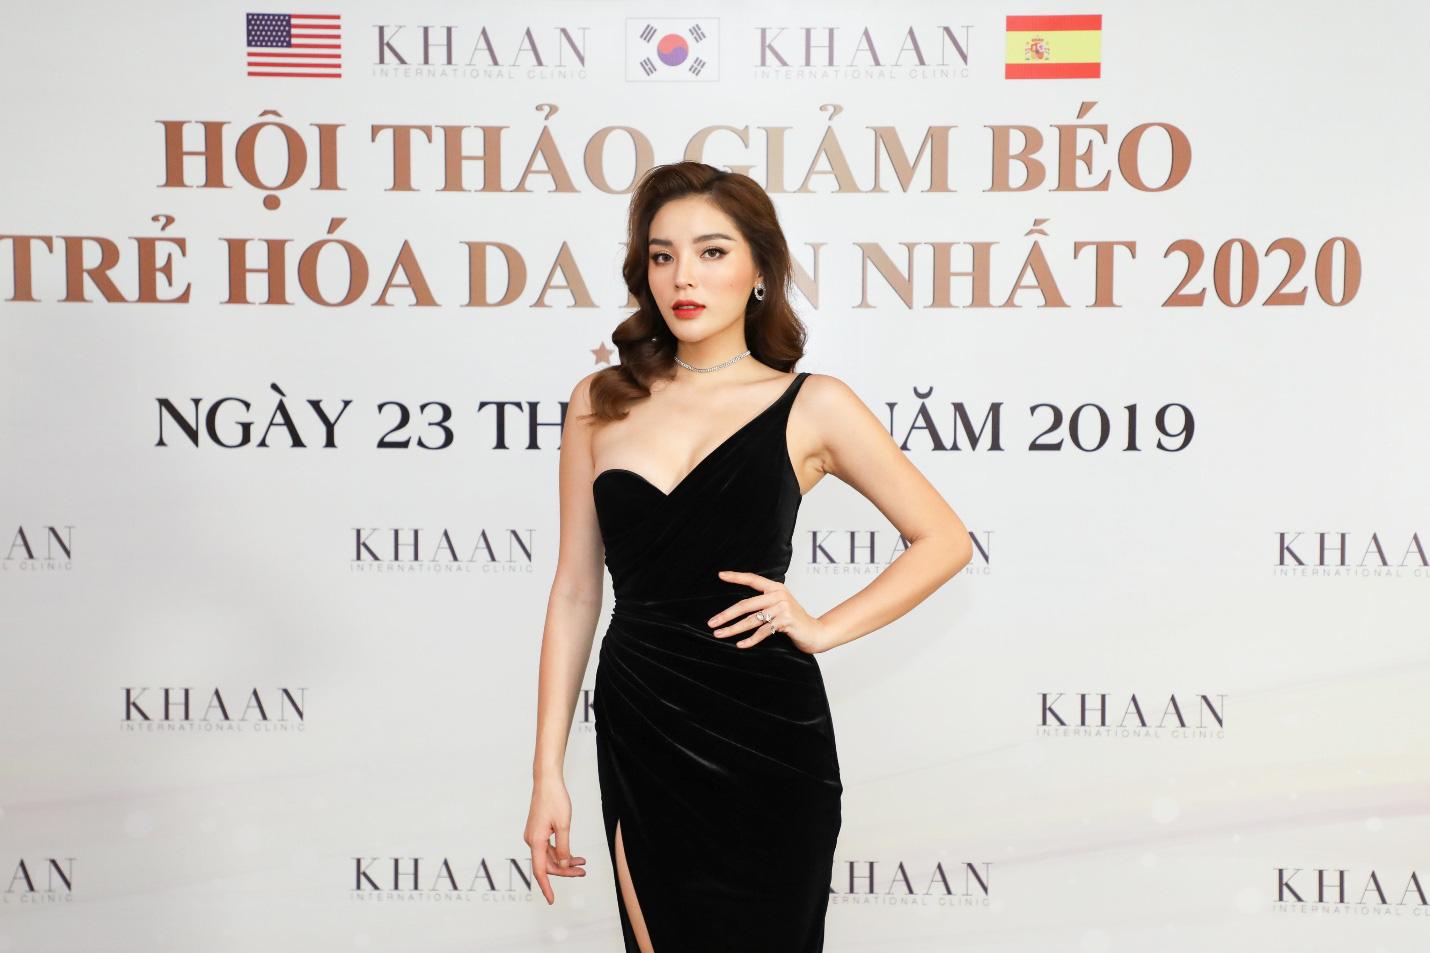 Hoa hậu Kỳ Duyên và dàn sao khủng quy tụ tại Hội thảo Giảm béo – Trẻ hoá da 2020 của Thẩm mỹ Quốc tế Khaan - Ảnh 3.